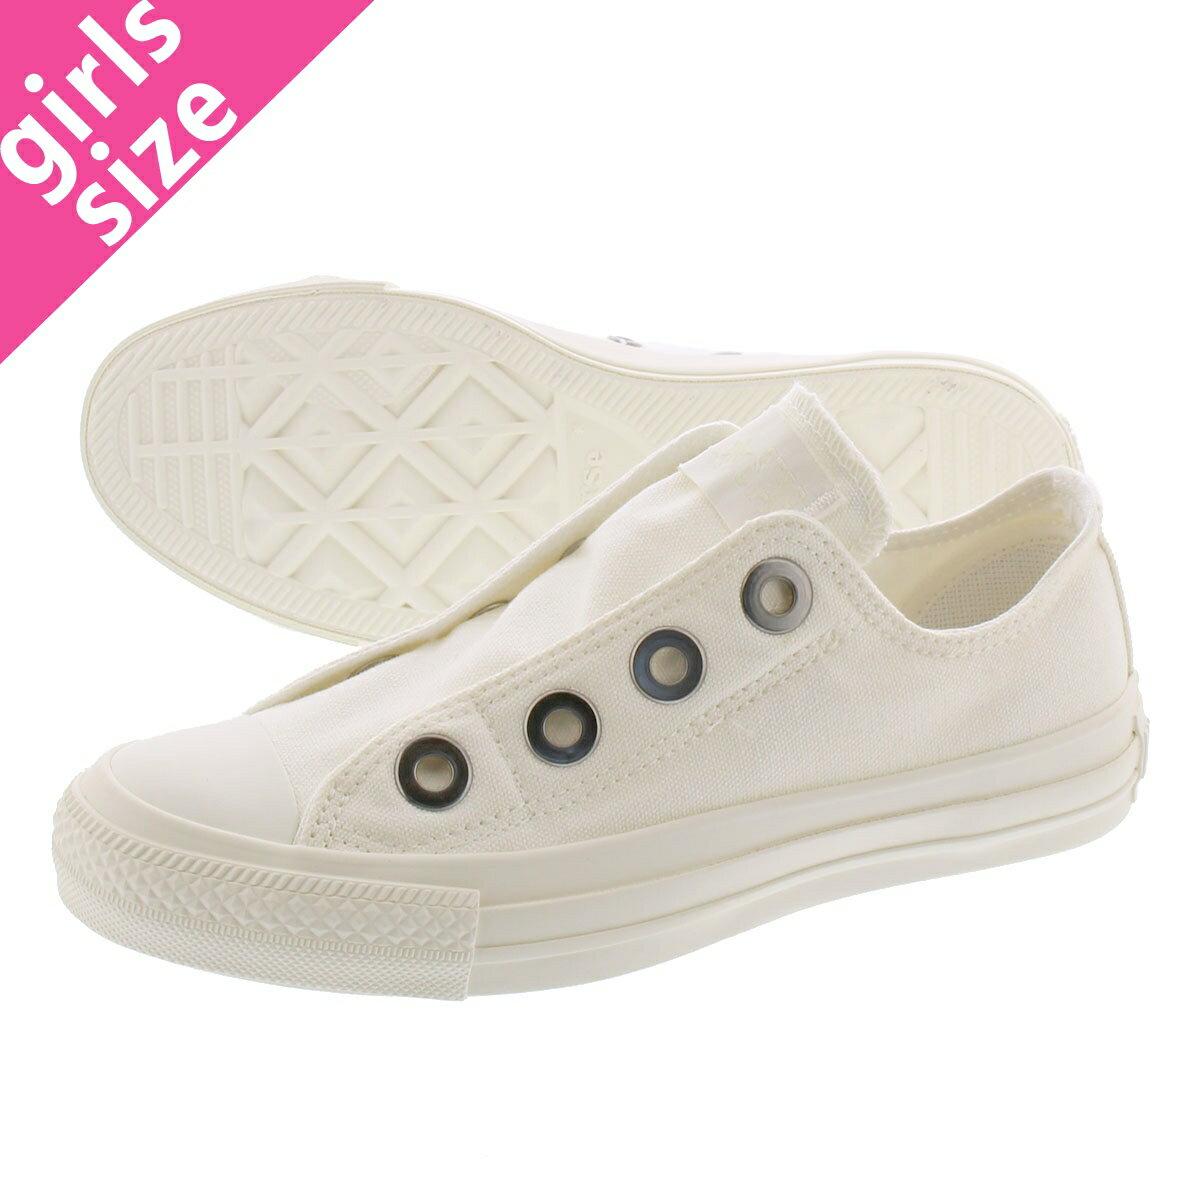 レディース靴, スリッポン CONVERSE ALL STAR BIGEYELETS MN SLIP OX MN OX WHITE 31301541